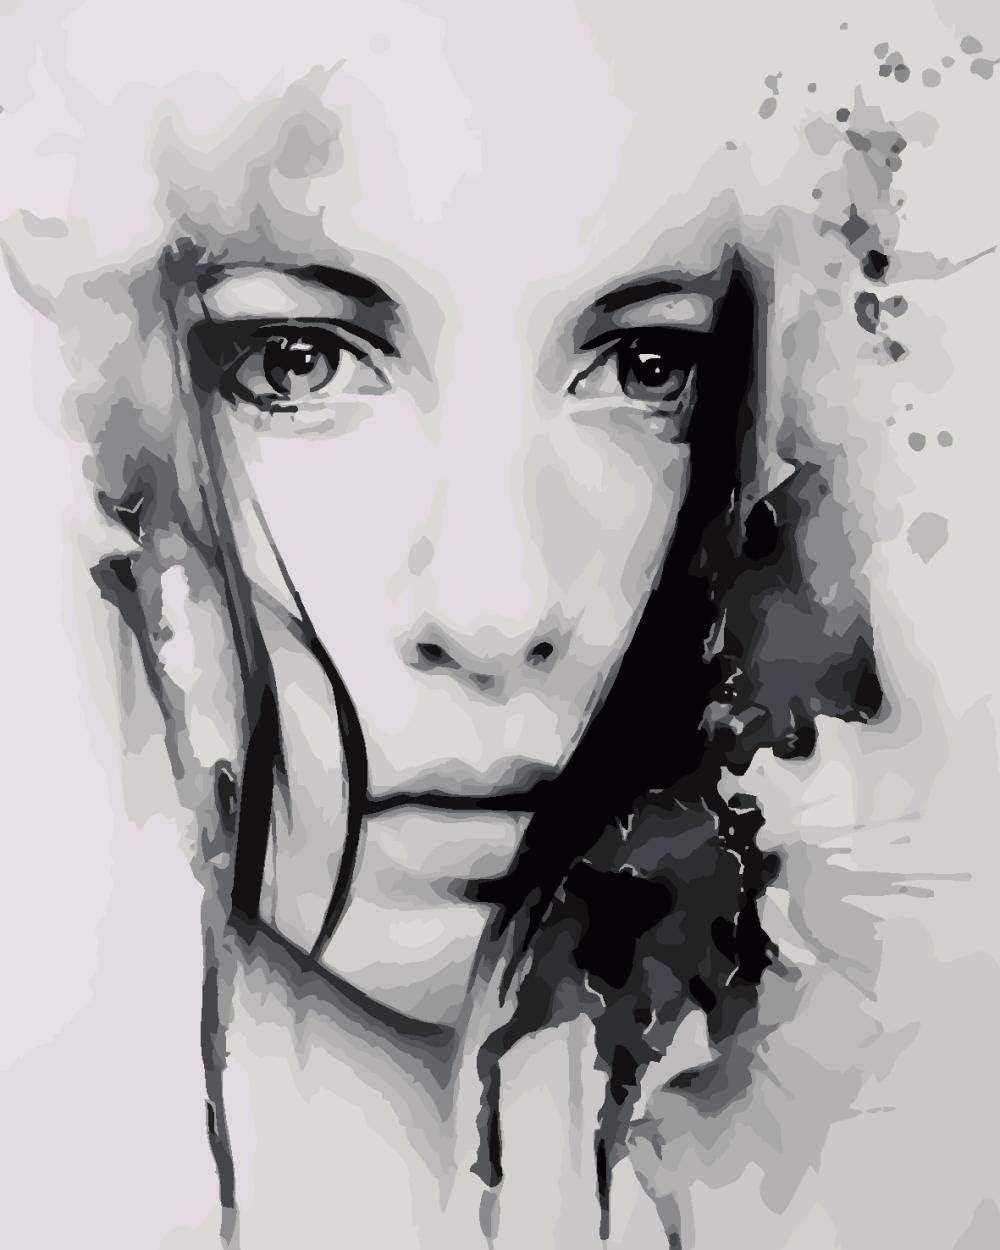 WYTCY Pintar Por Números - Rostro De Mujer. Pintura Al Óleo De Lienzo De Lino, Pintura De Arte Moderno, Kit De Pintura De Bricolaje, Adecuado Para Adultos Y Principiantes40*50CM